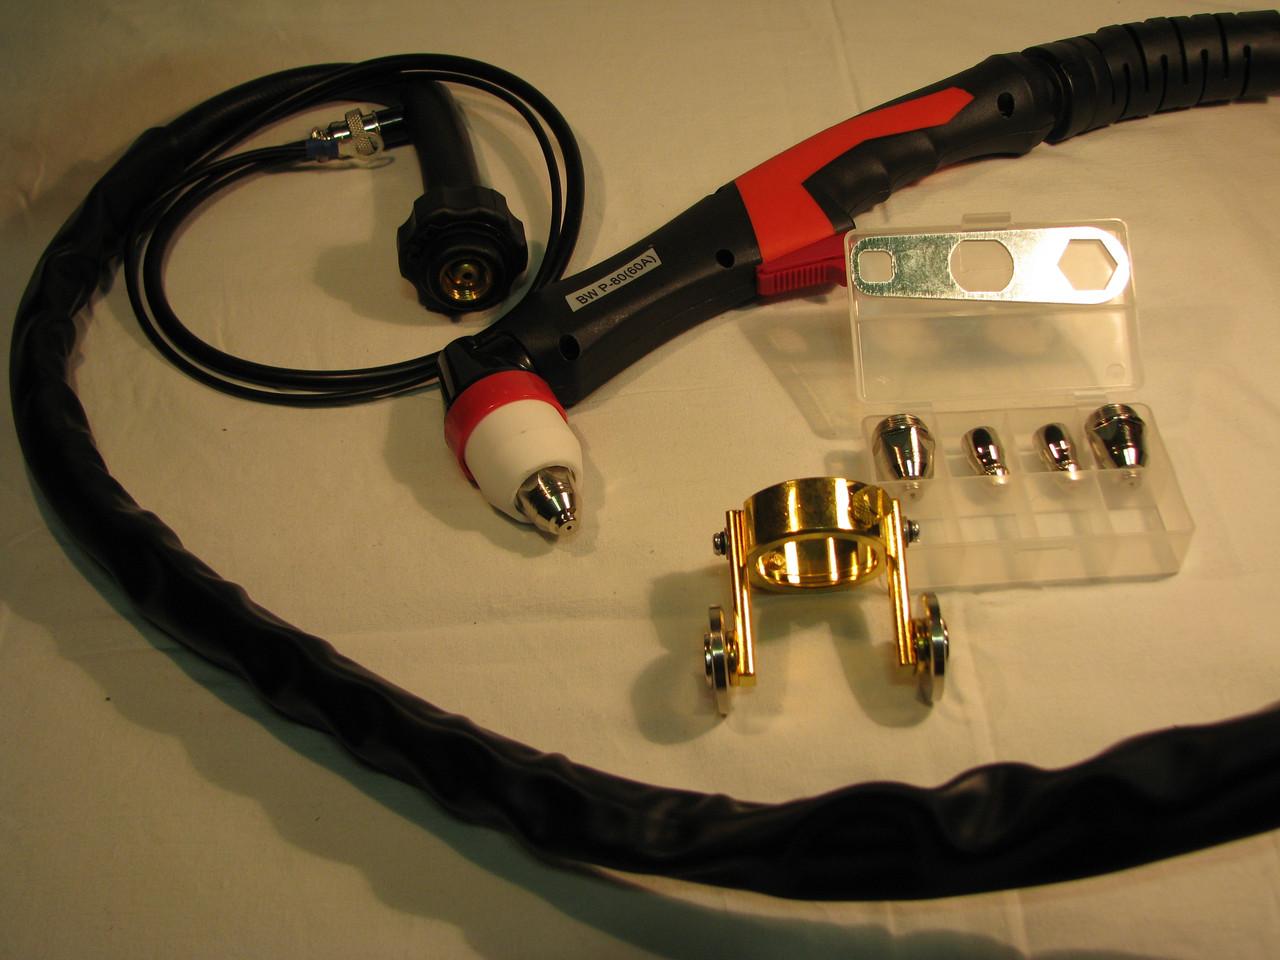 Рукав P80 60A (Плазмотрон для плазмореза )5 метров ,Опорные колёса и сопла в комплекте